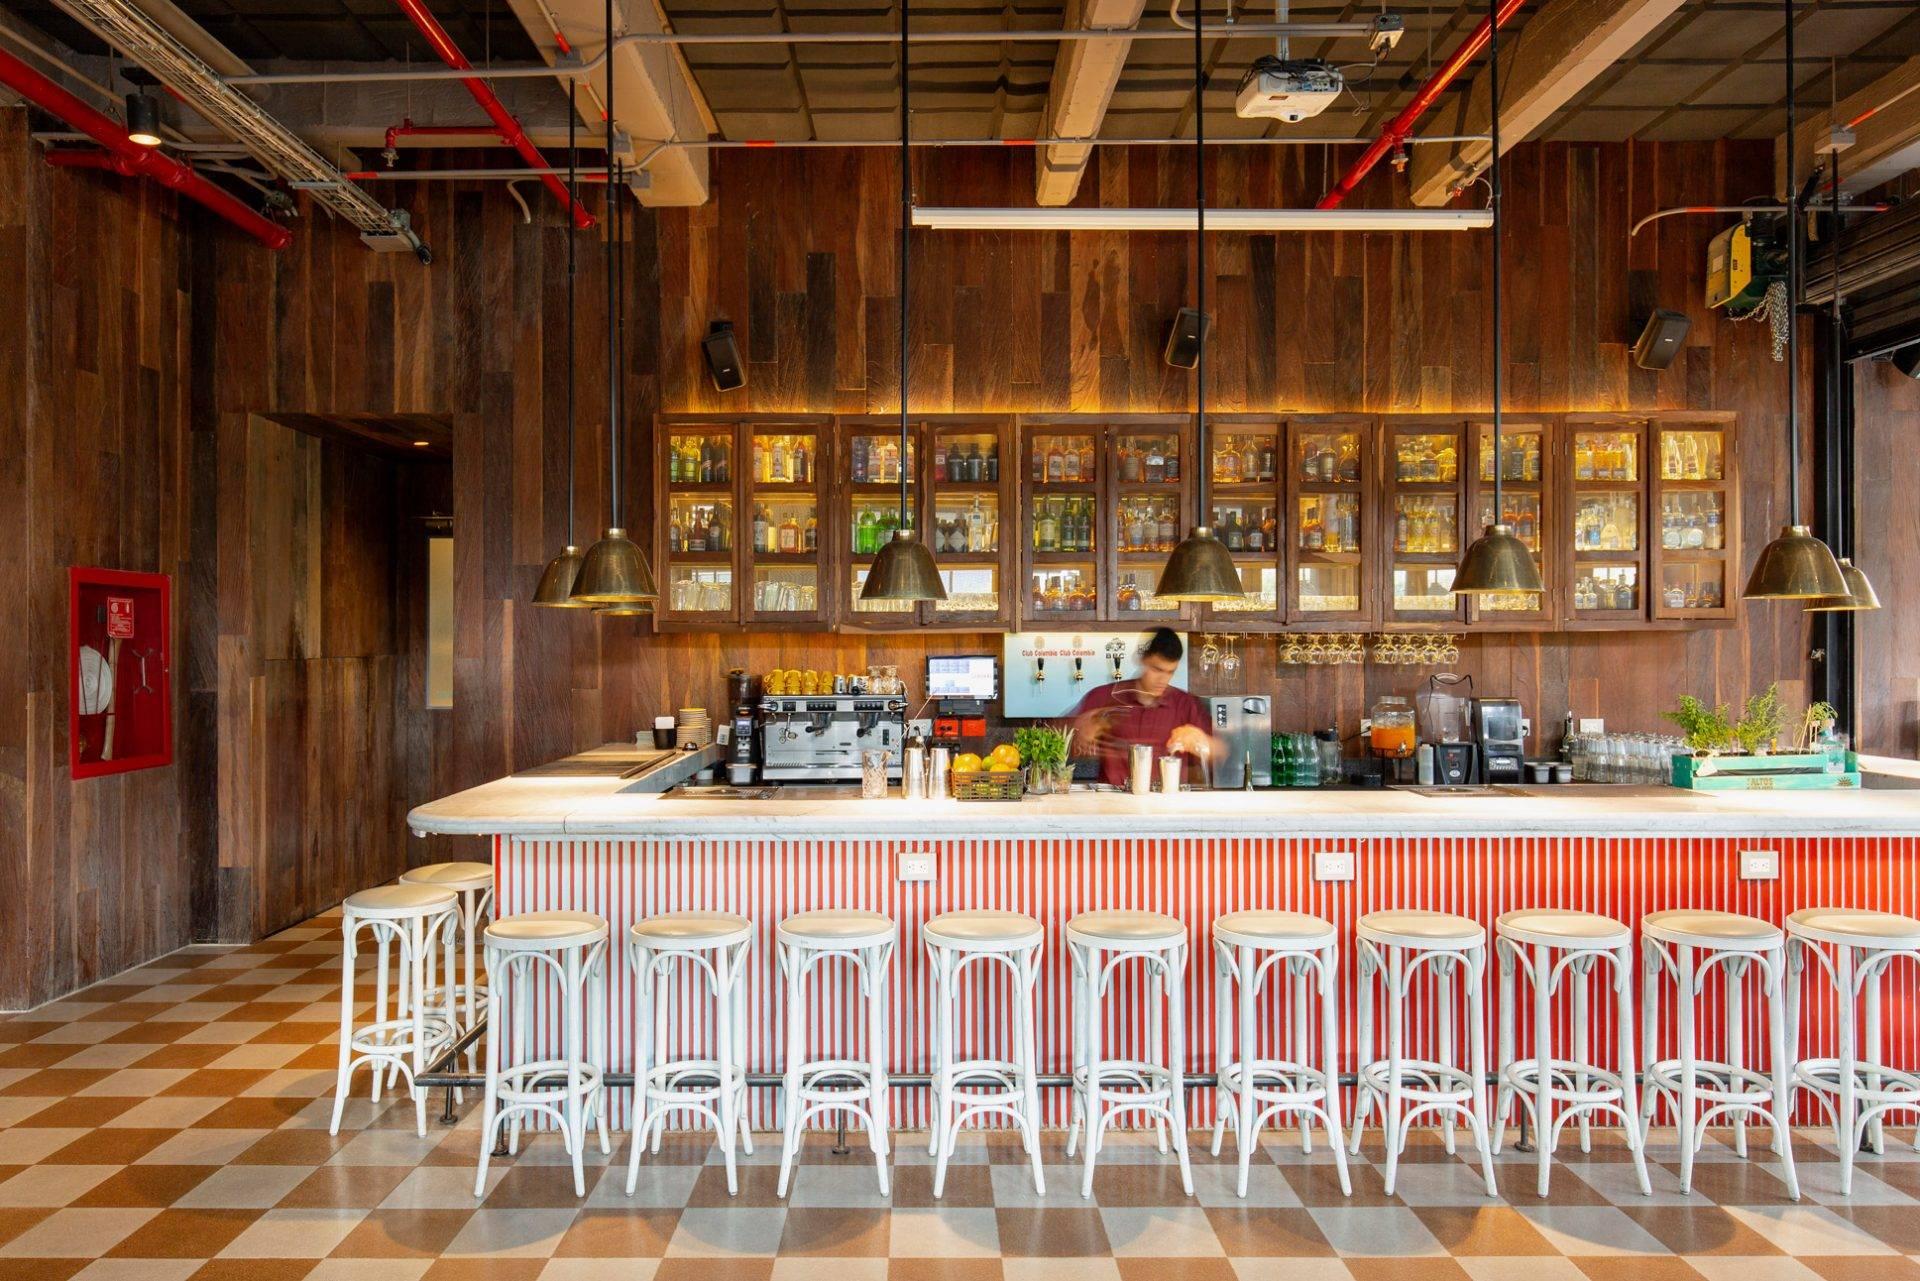 06muñoz.bosch.cevivheria.bogota.restaurante.simonbosch.photography.interior.coala.constructora